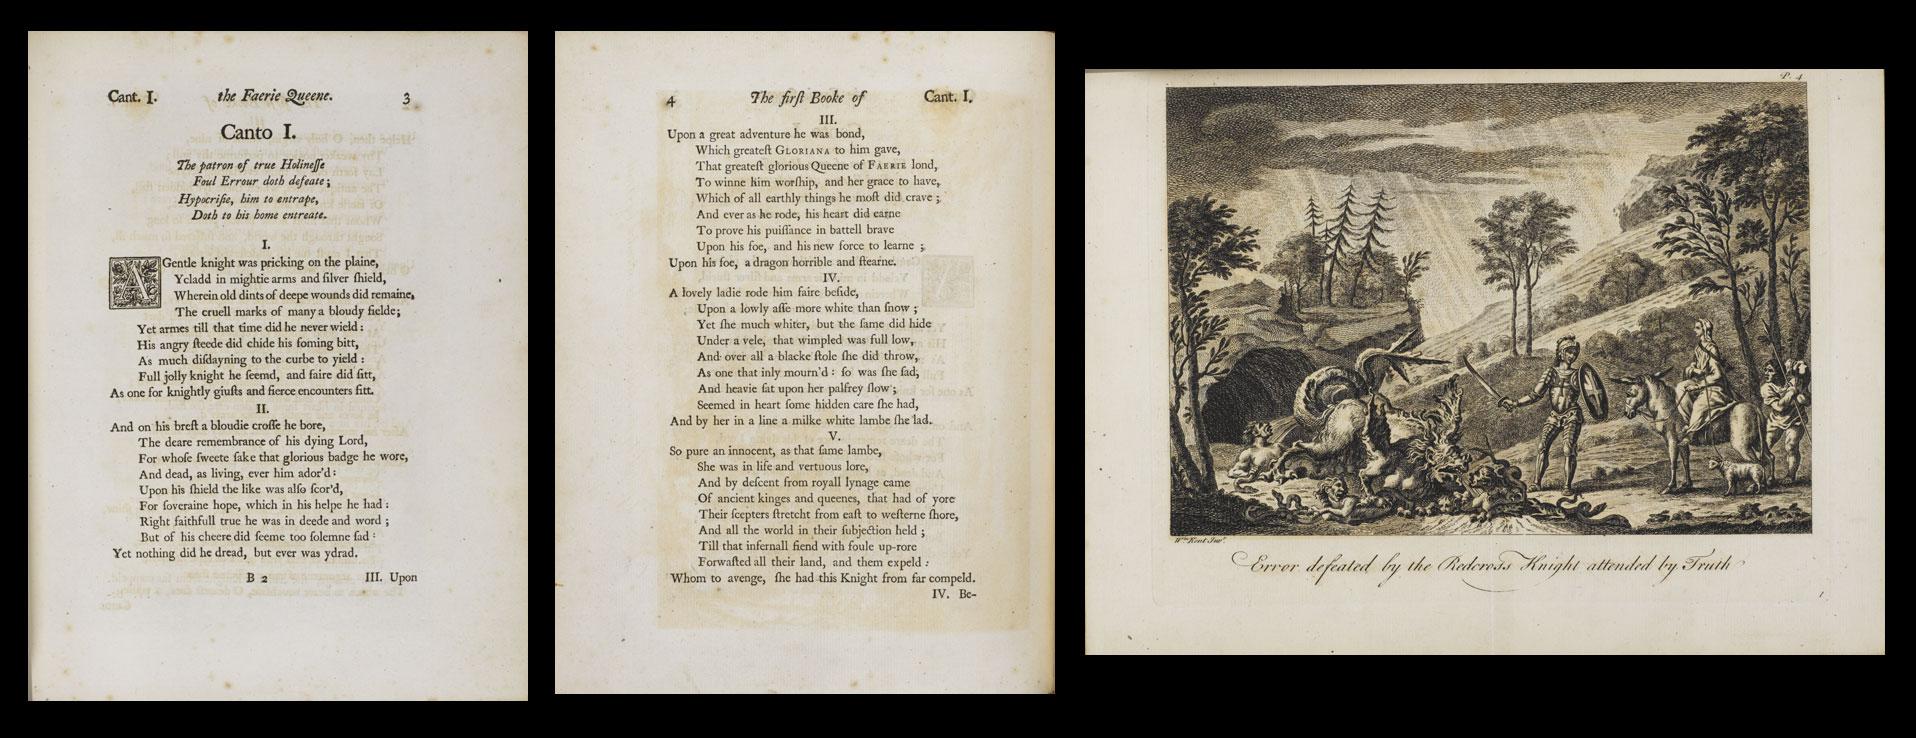 Essay on spensers poem faerie queene